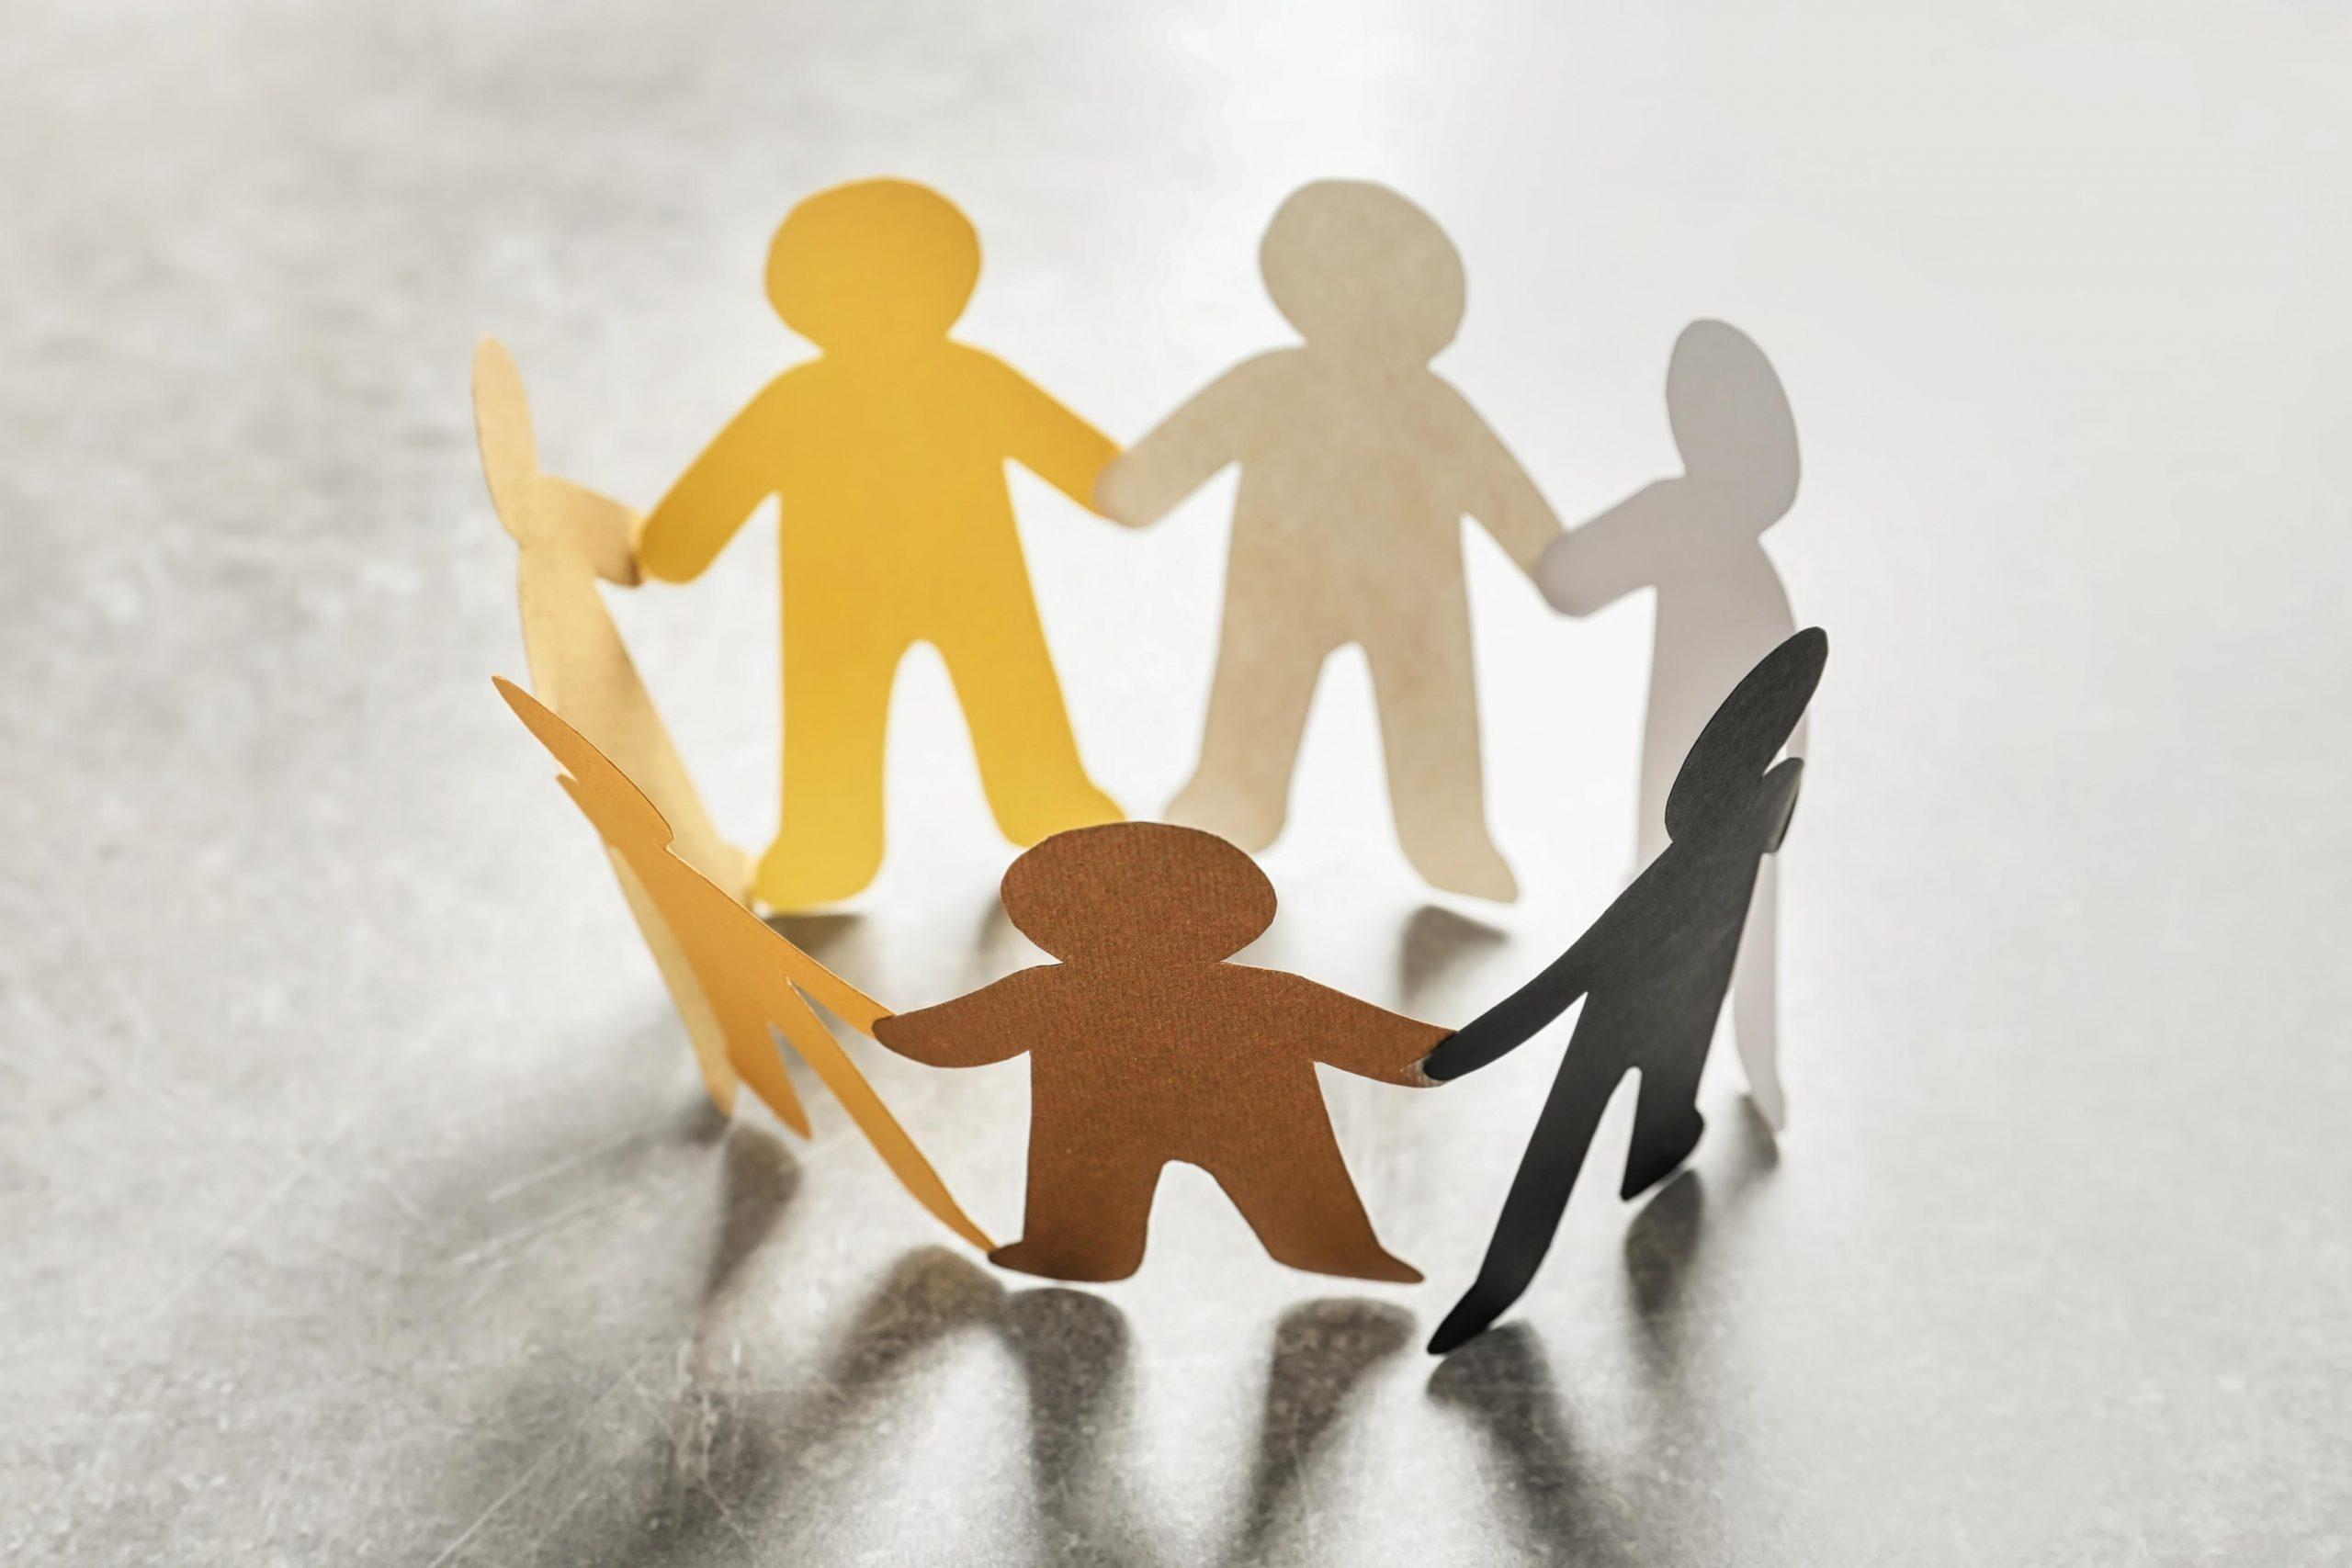 Turning From Prejudice Toward Love